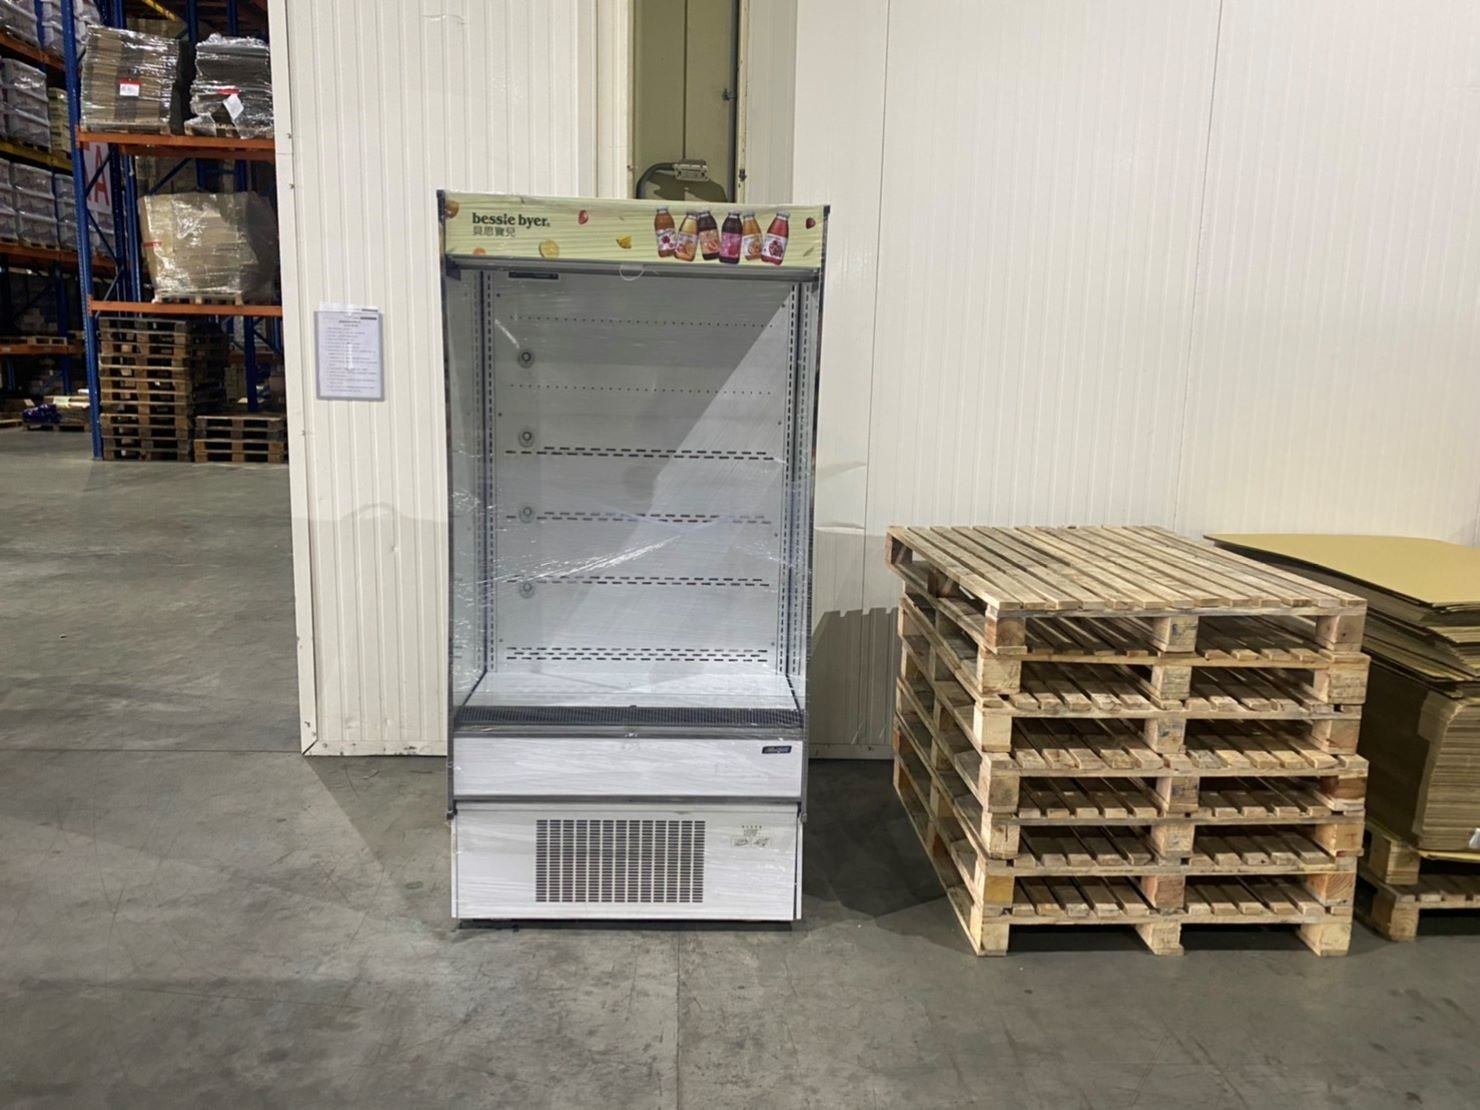 搬冰箱【榮福搬家公司】台北搬家、新北搬家、搬家首選、搬家公司推薦:優質搬家,包裝搬運「細膩包裝、專業搬運、用心服務、以客為尊」是榮福搬家公司的宗旨與精神。歡迎立即來電02-2651-2727專人服務。系統式家具拆裝找專業的榮福搬家就對了。